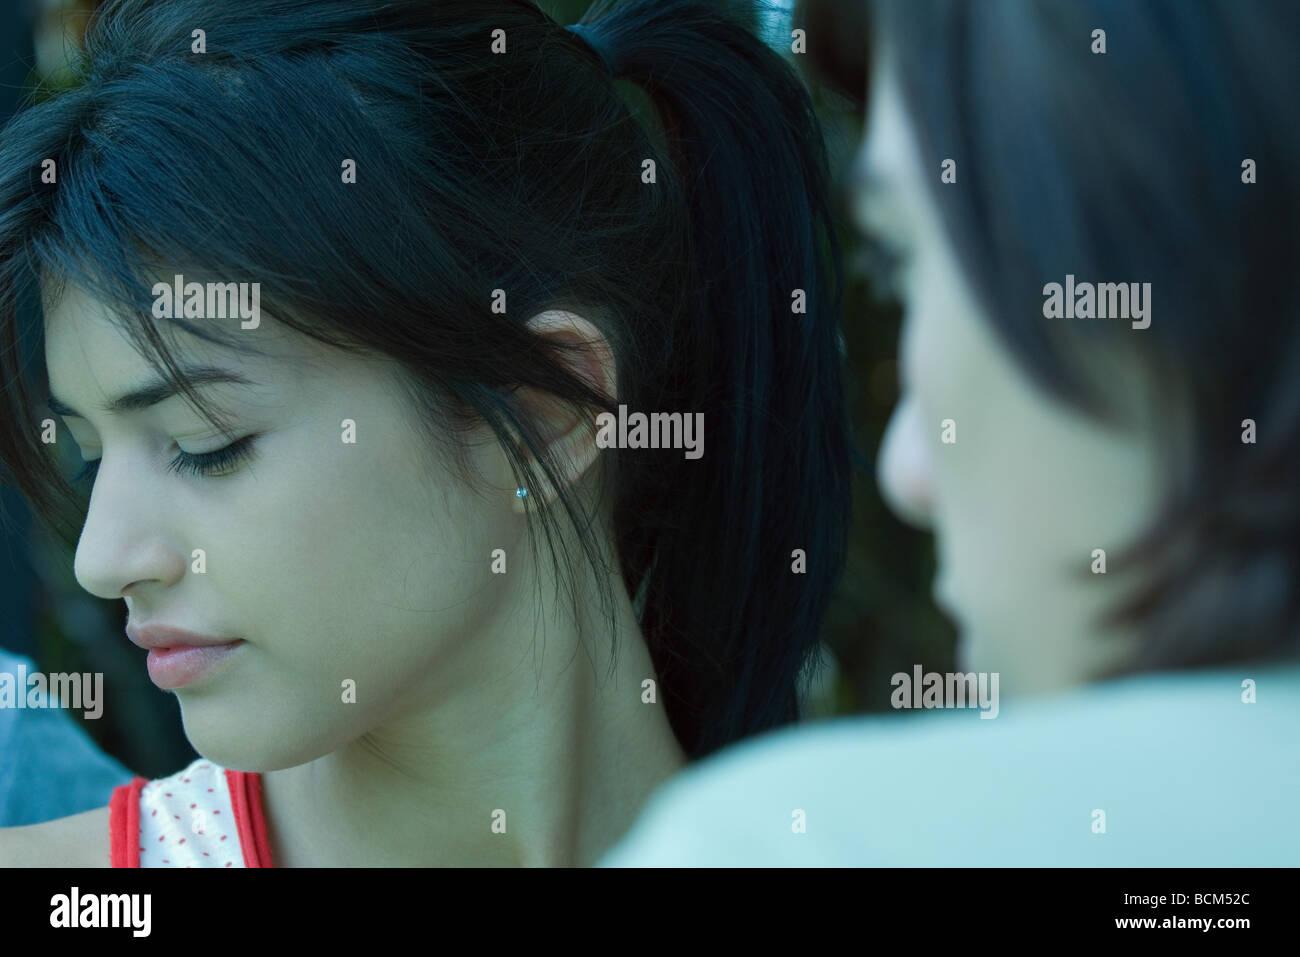 Jeune femme en tournant la tête loin de teen boy, portrait Banque D'Images